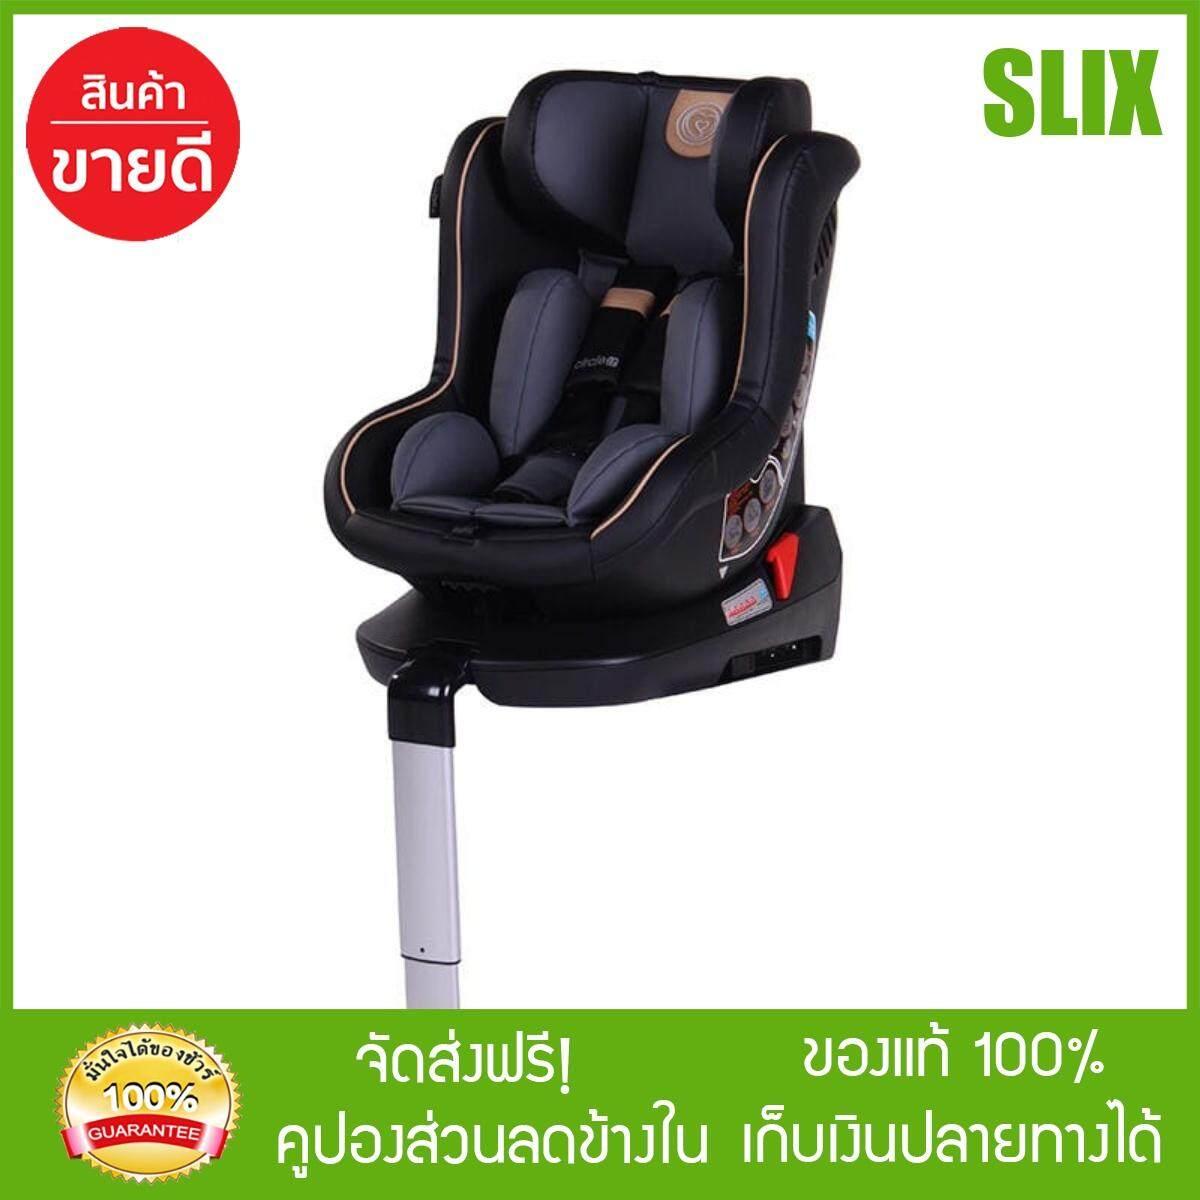 เก็บเงินปลายทางได้ [Slix]- CAMERA คาร์ซีท หมุนได้ 2 ระบบ หนัง รุ่น circle-LT หนังดำ คาร์ซีทเด็ก คาร์ซีท camera car seat ส่ง Kerry เก็บปลายทางได้